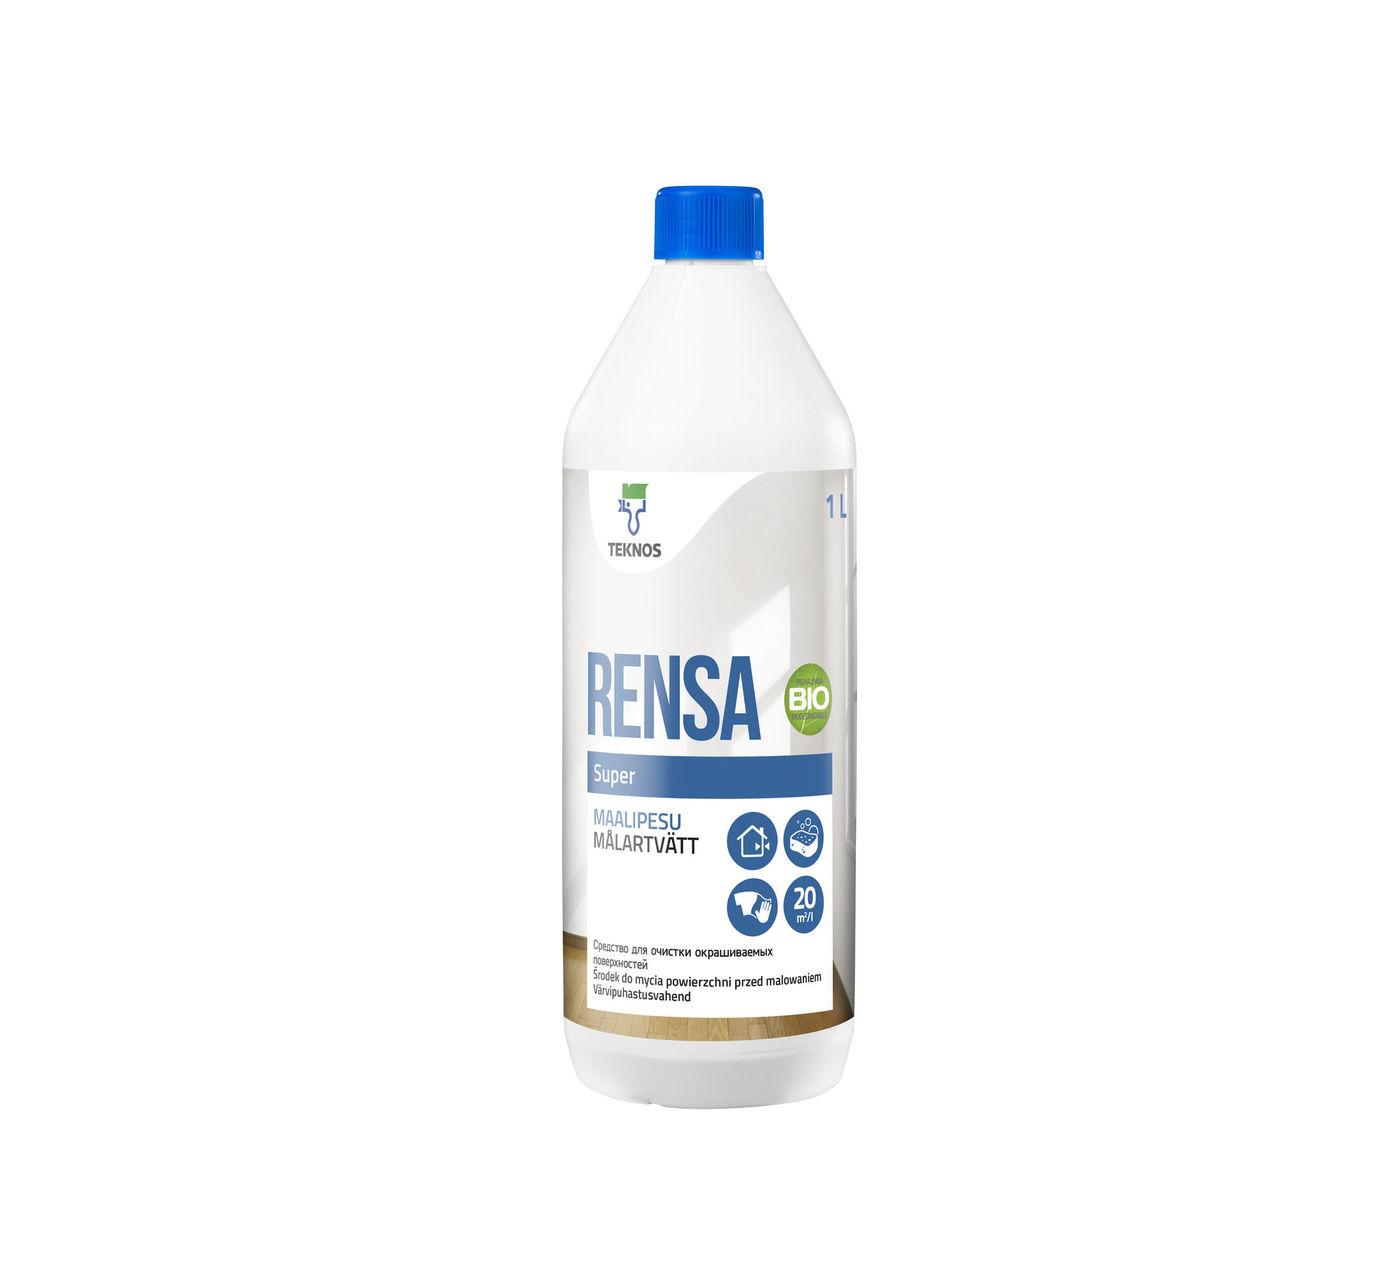 RENSA SUPER средство для очистки окрашиваемых поверхностей